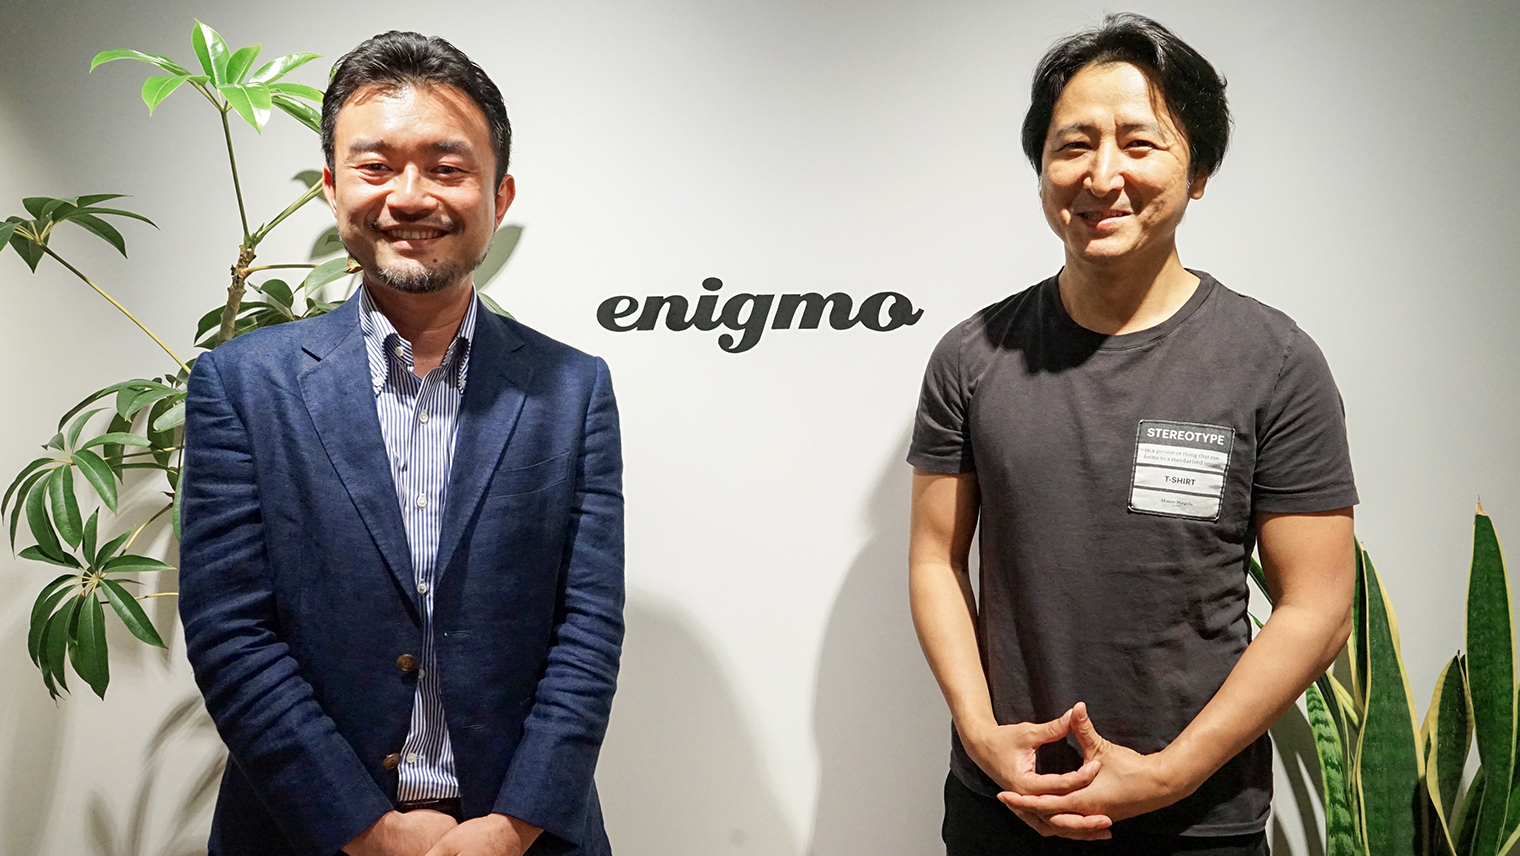 左:ソニー小田島、株式会社エニグモ 須田将啓さん